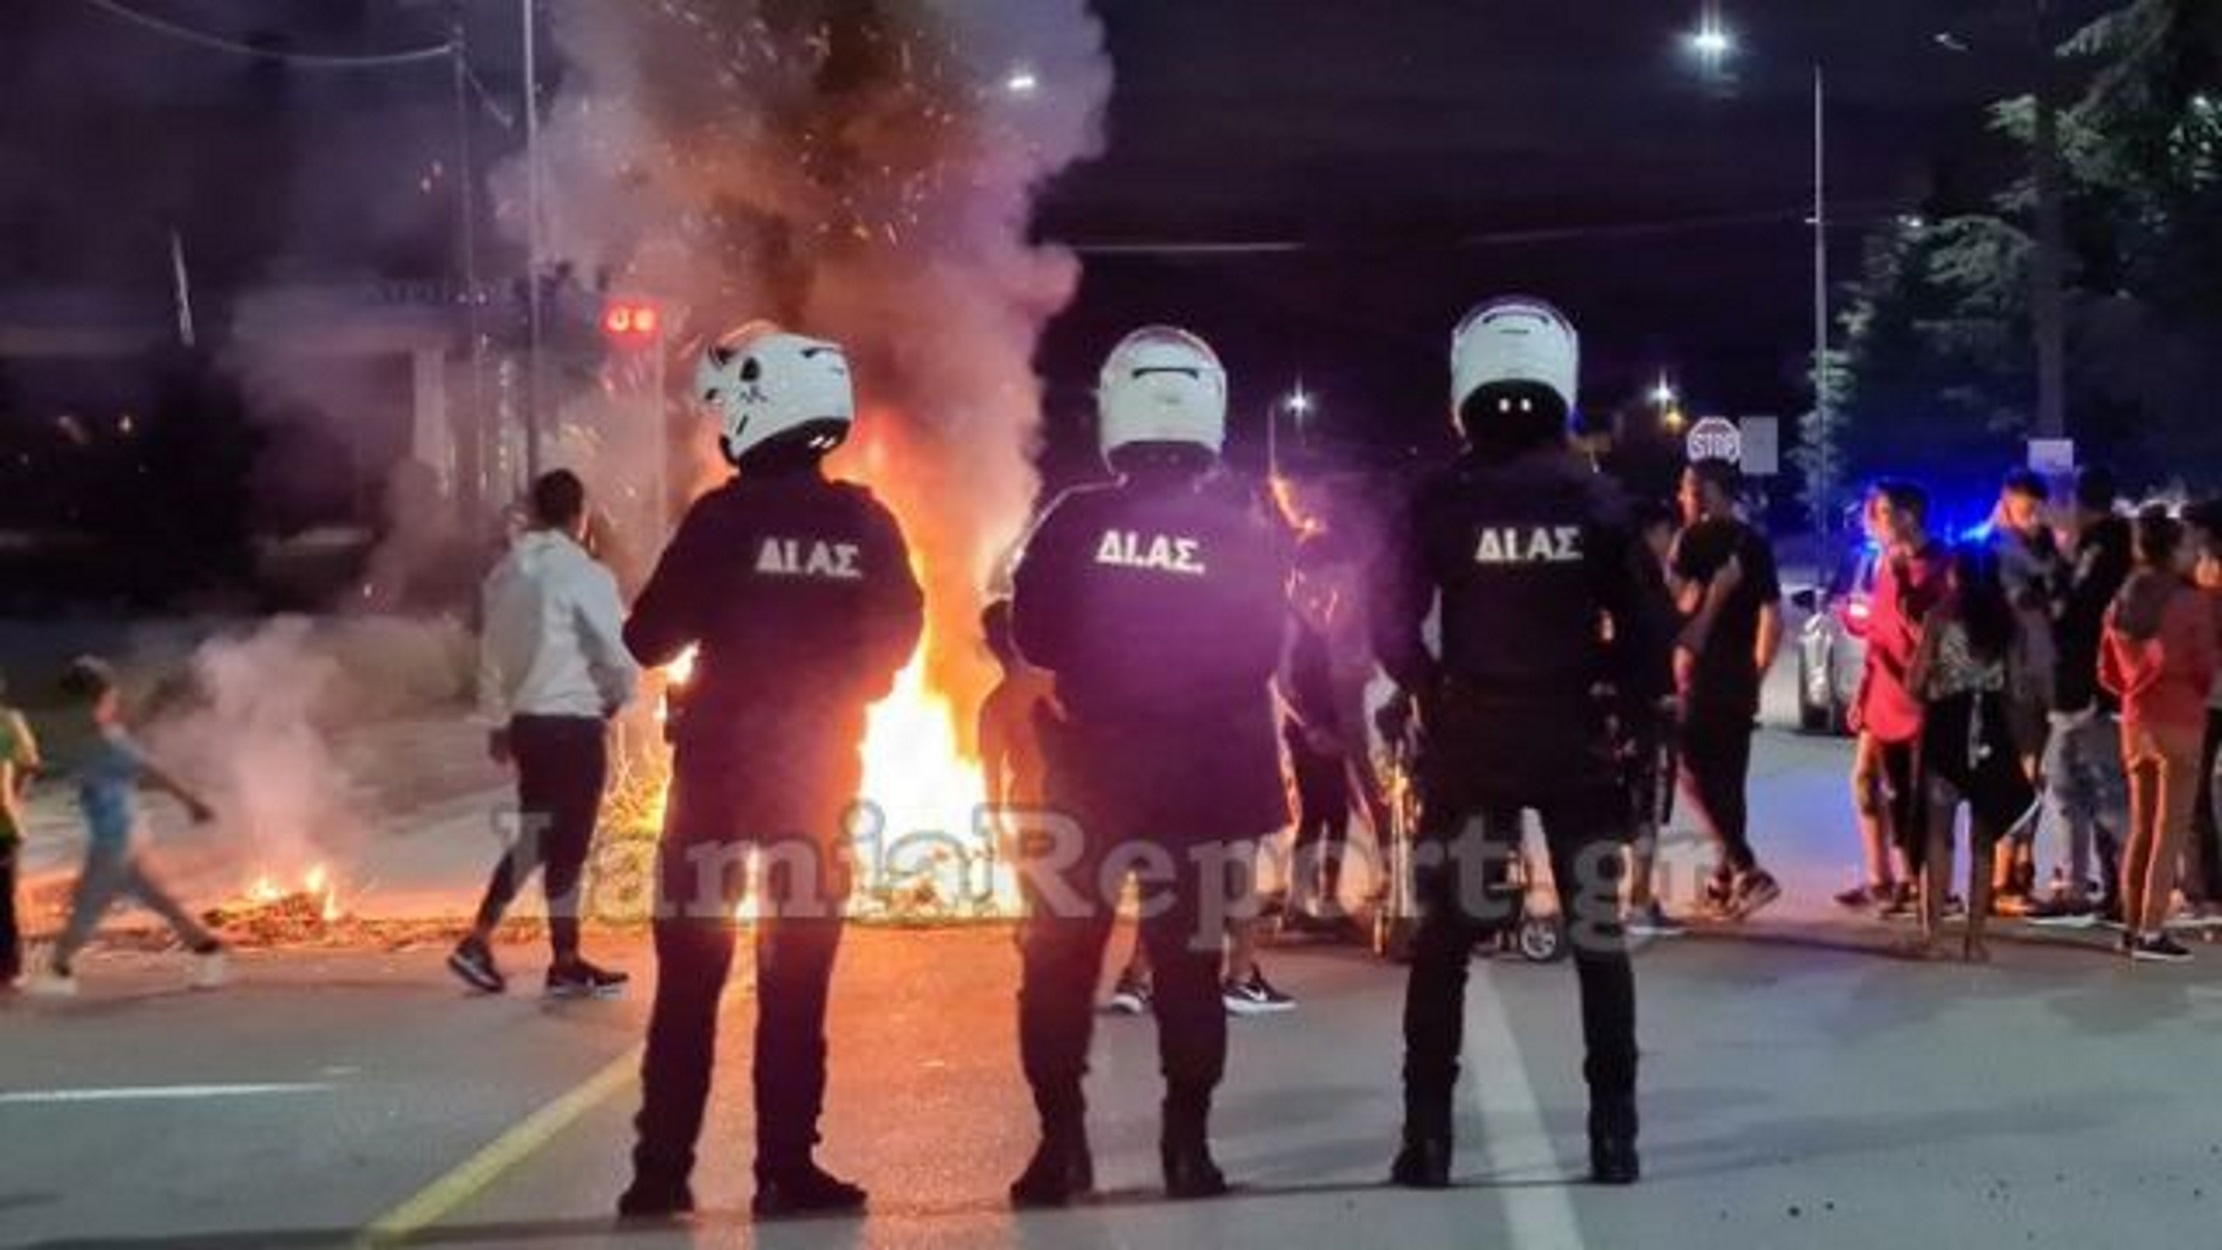 Προφυλακιστέος ο 63χρονος για το θάνατο 18χρονου ρομά στην Καλαμάτα  – Φωτιές, μπλόκα και έμφραγμα στο οδικό δίκτυο (pics, video)